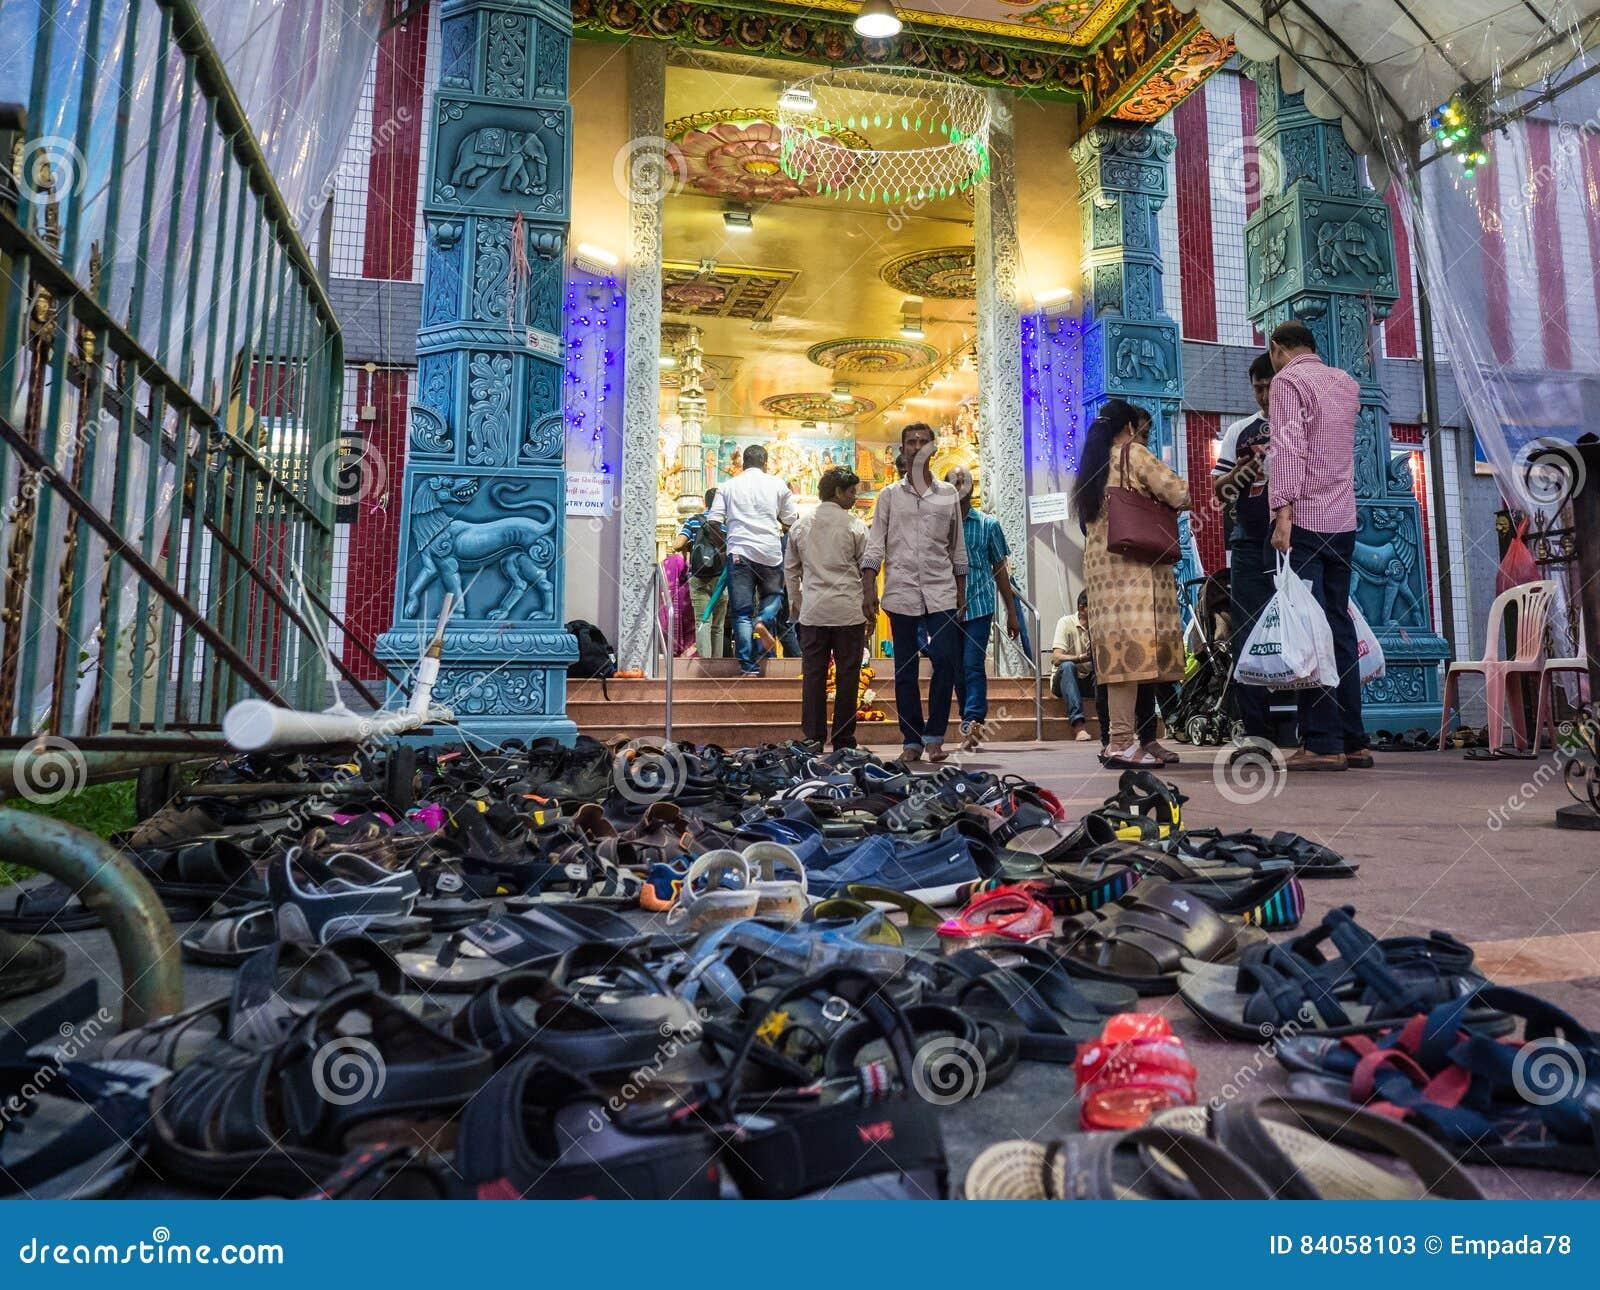 buy popular 25d5b c76bf Schuhe An Einem Indischen Tempel Redaktionelles Stockfoto ...